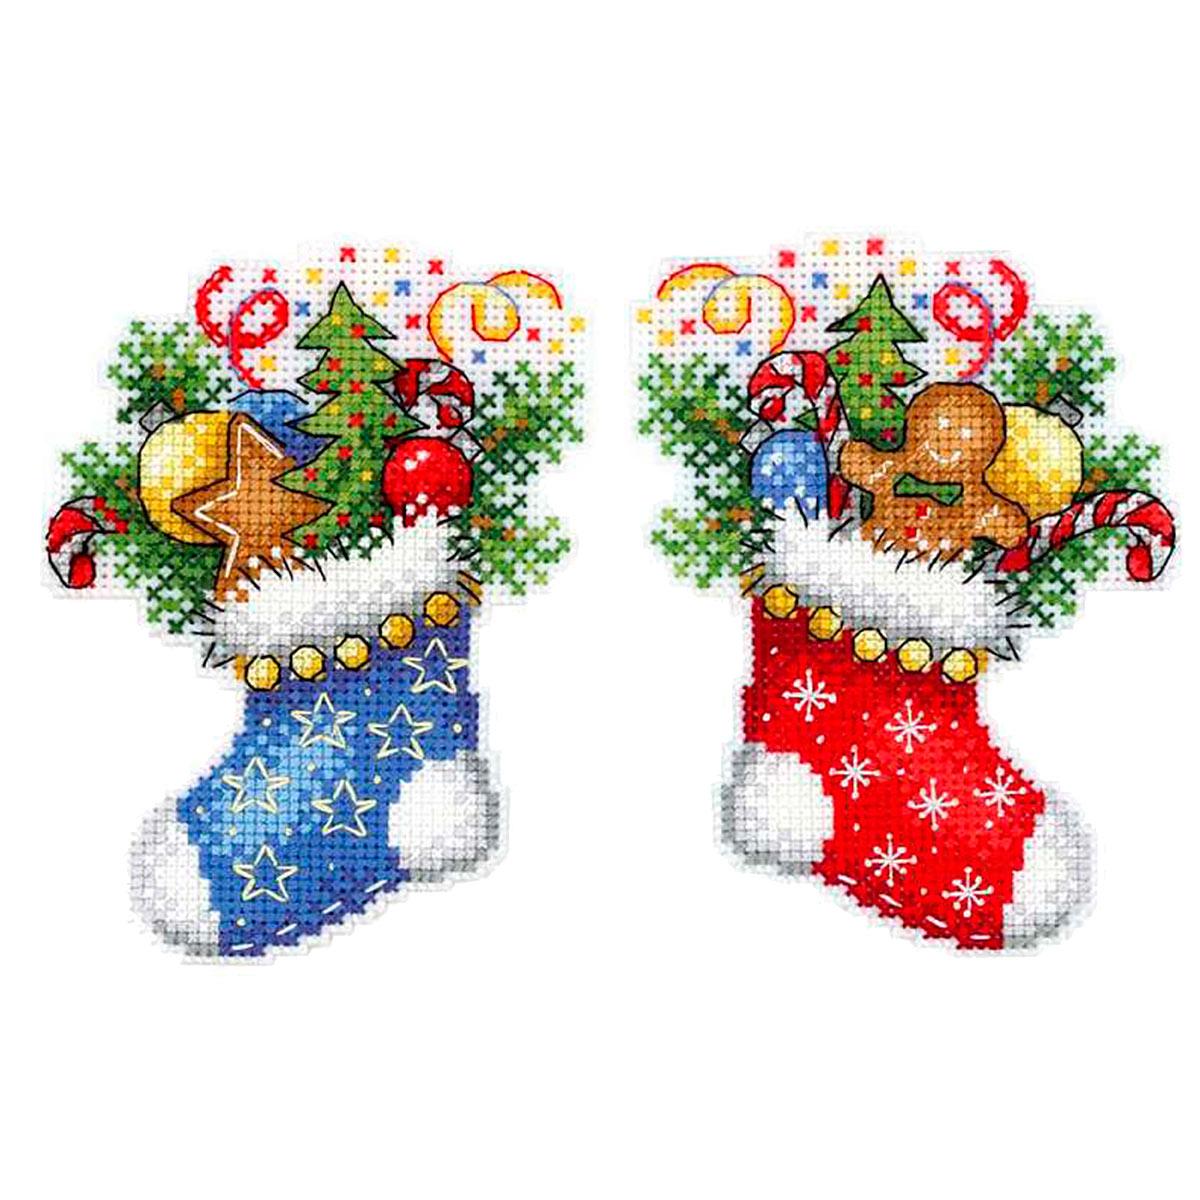 Р-496 Набор для вышивания на пластиковой канве МП Студия 'Новогодний носок'12*9см